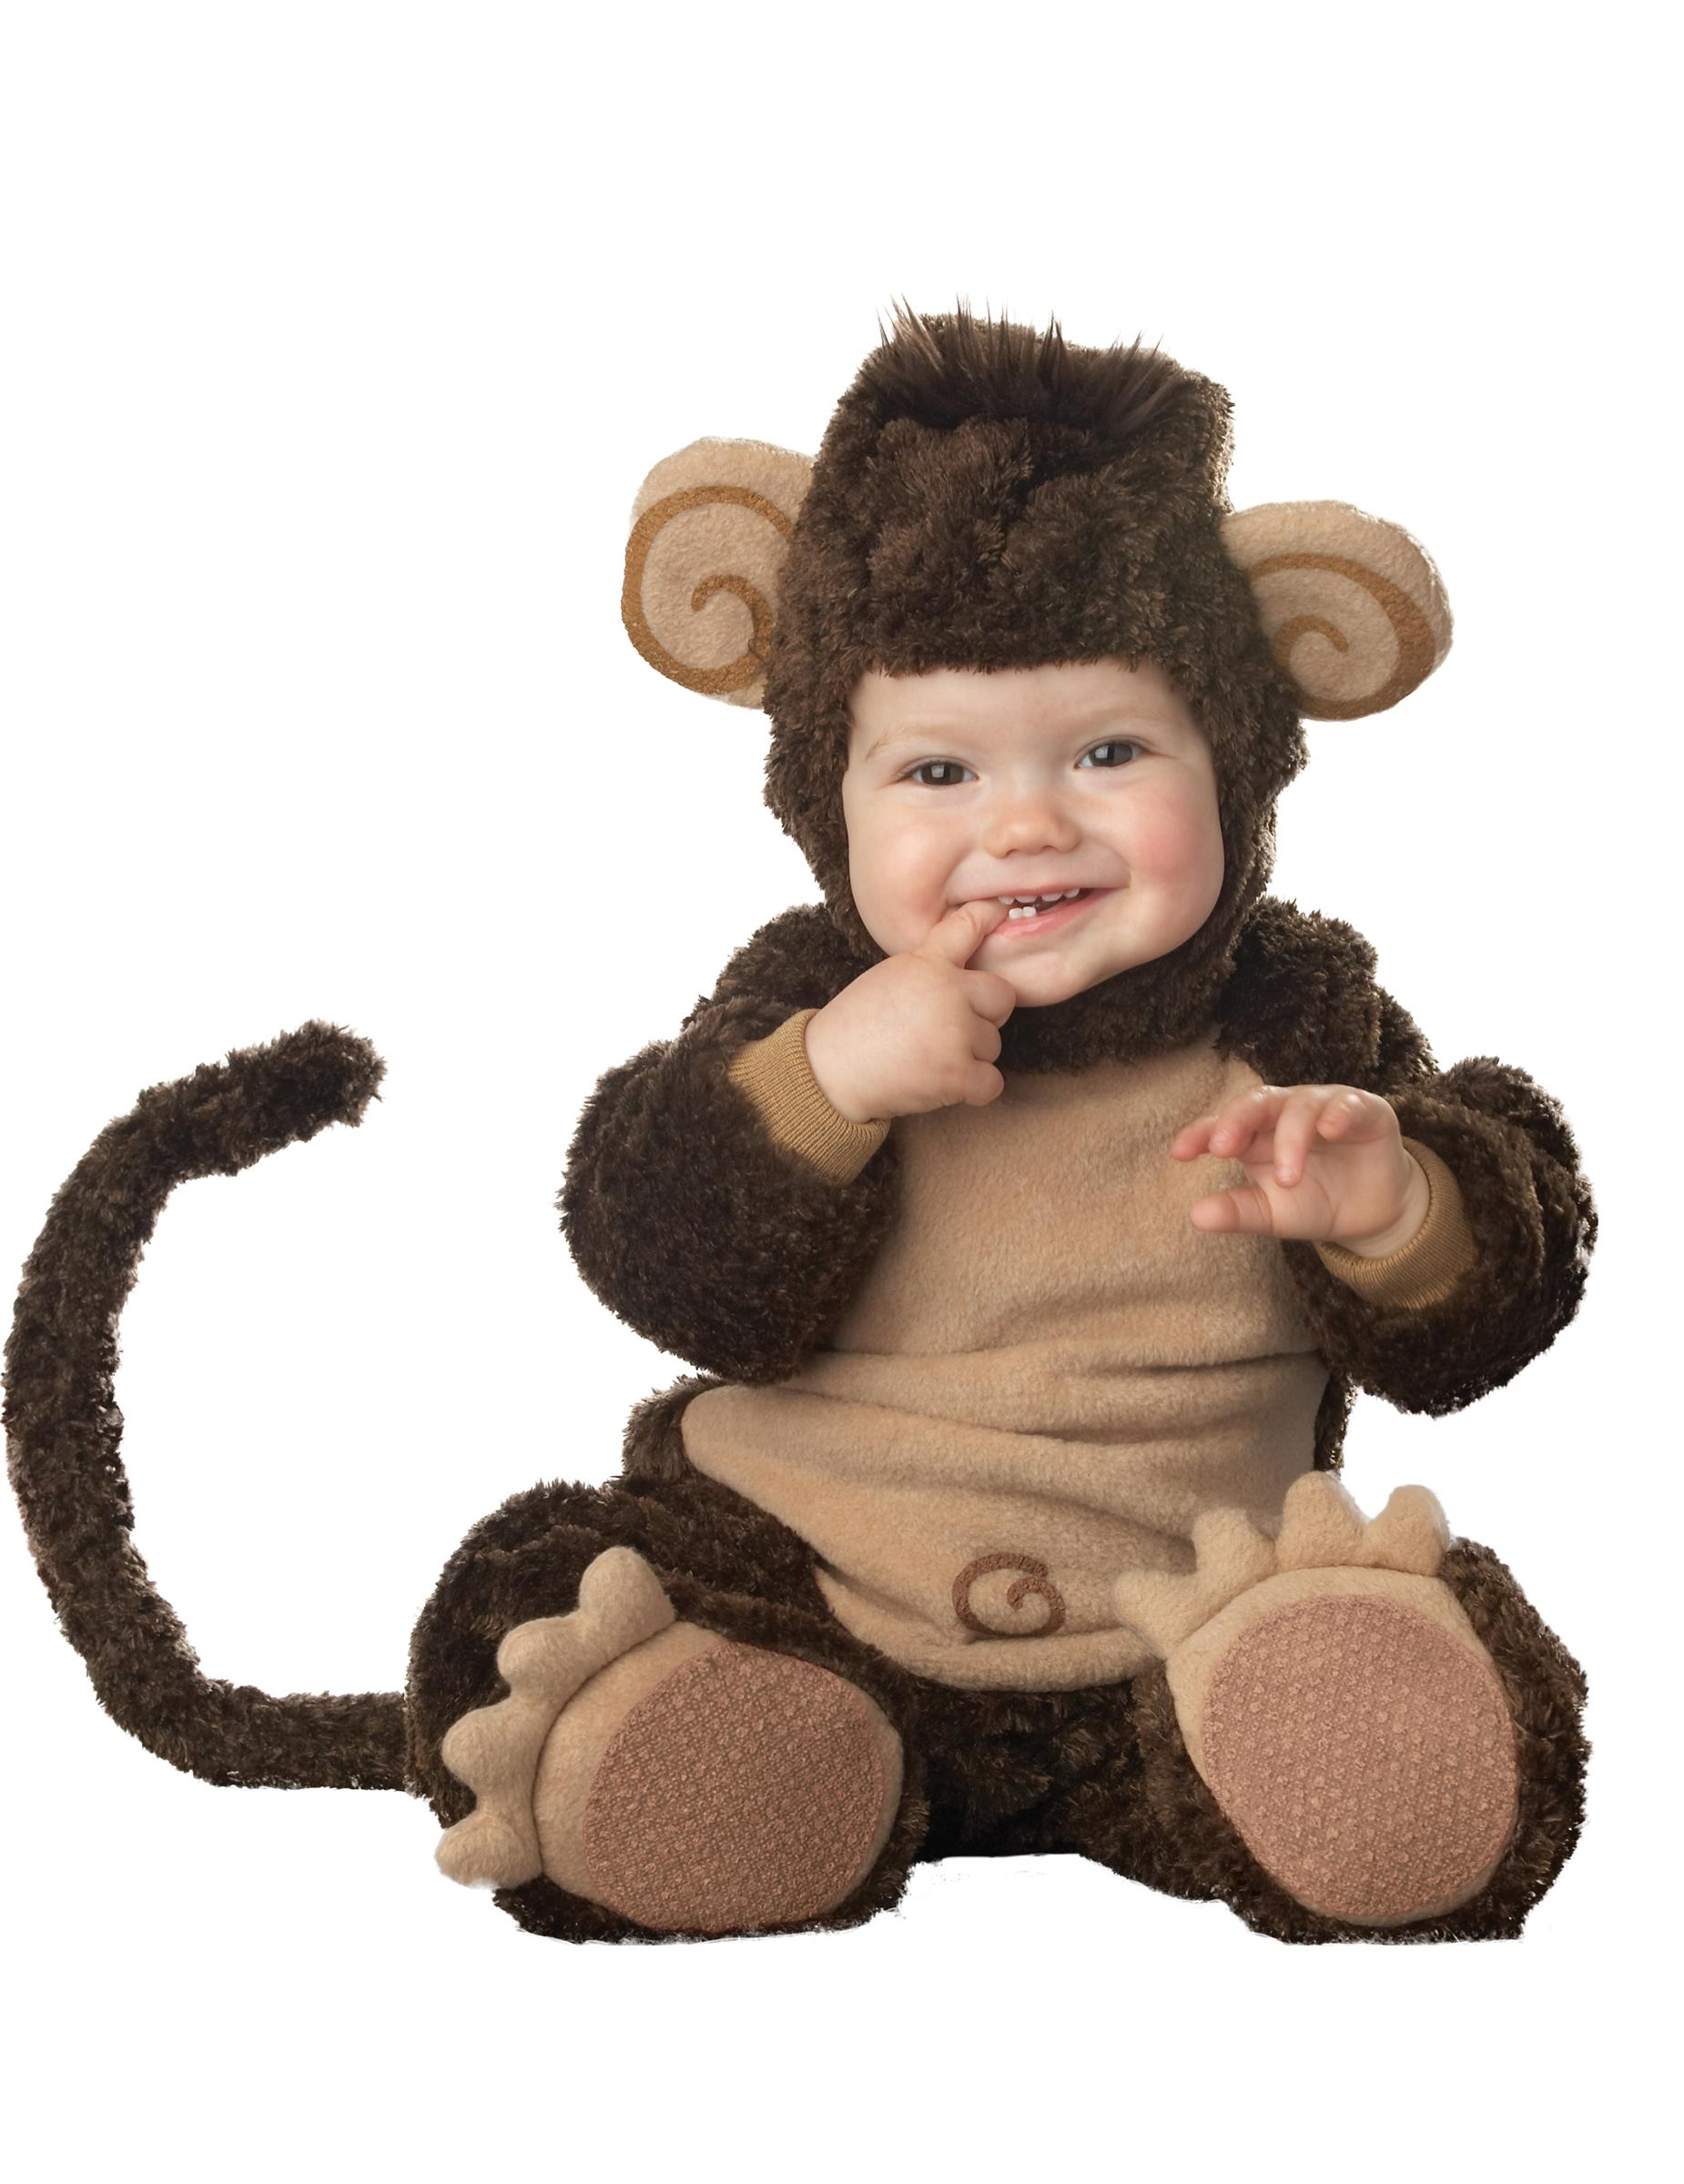 Disfarce Premium de macaco para bébé  Disfarces Crianças be035195974